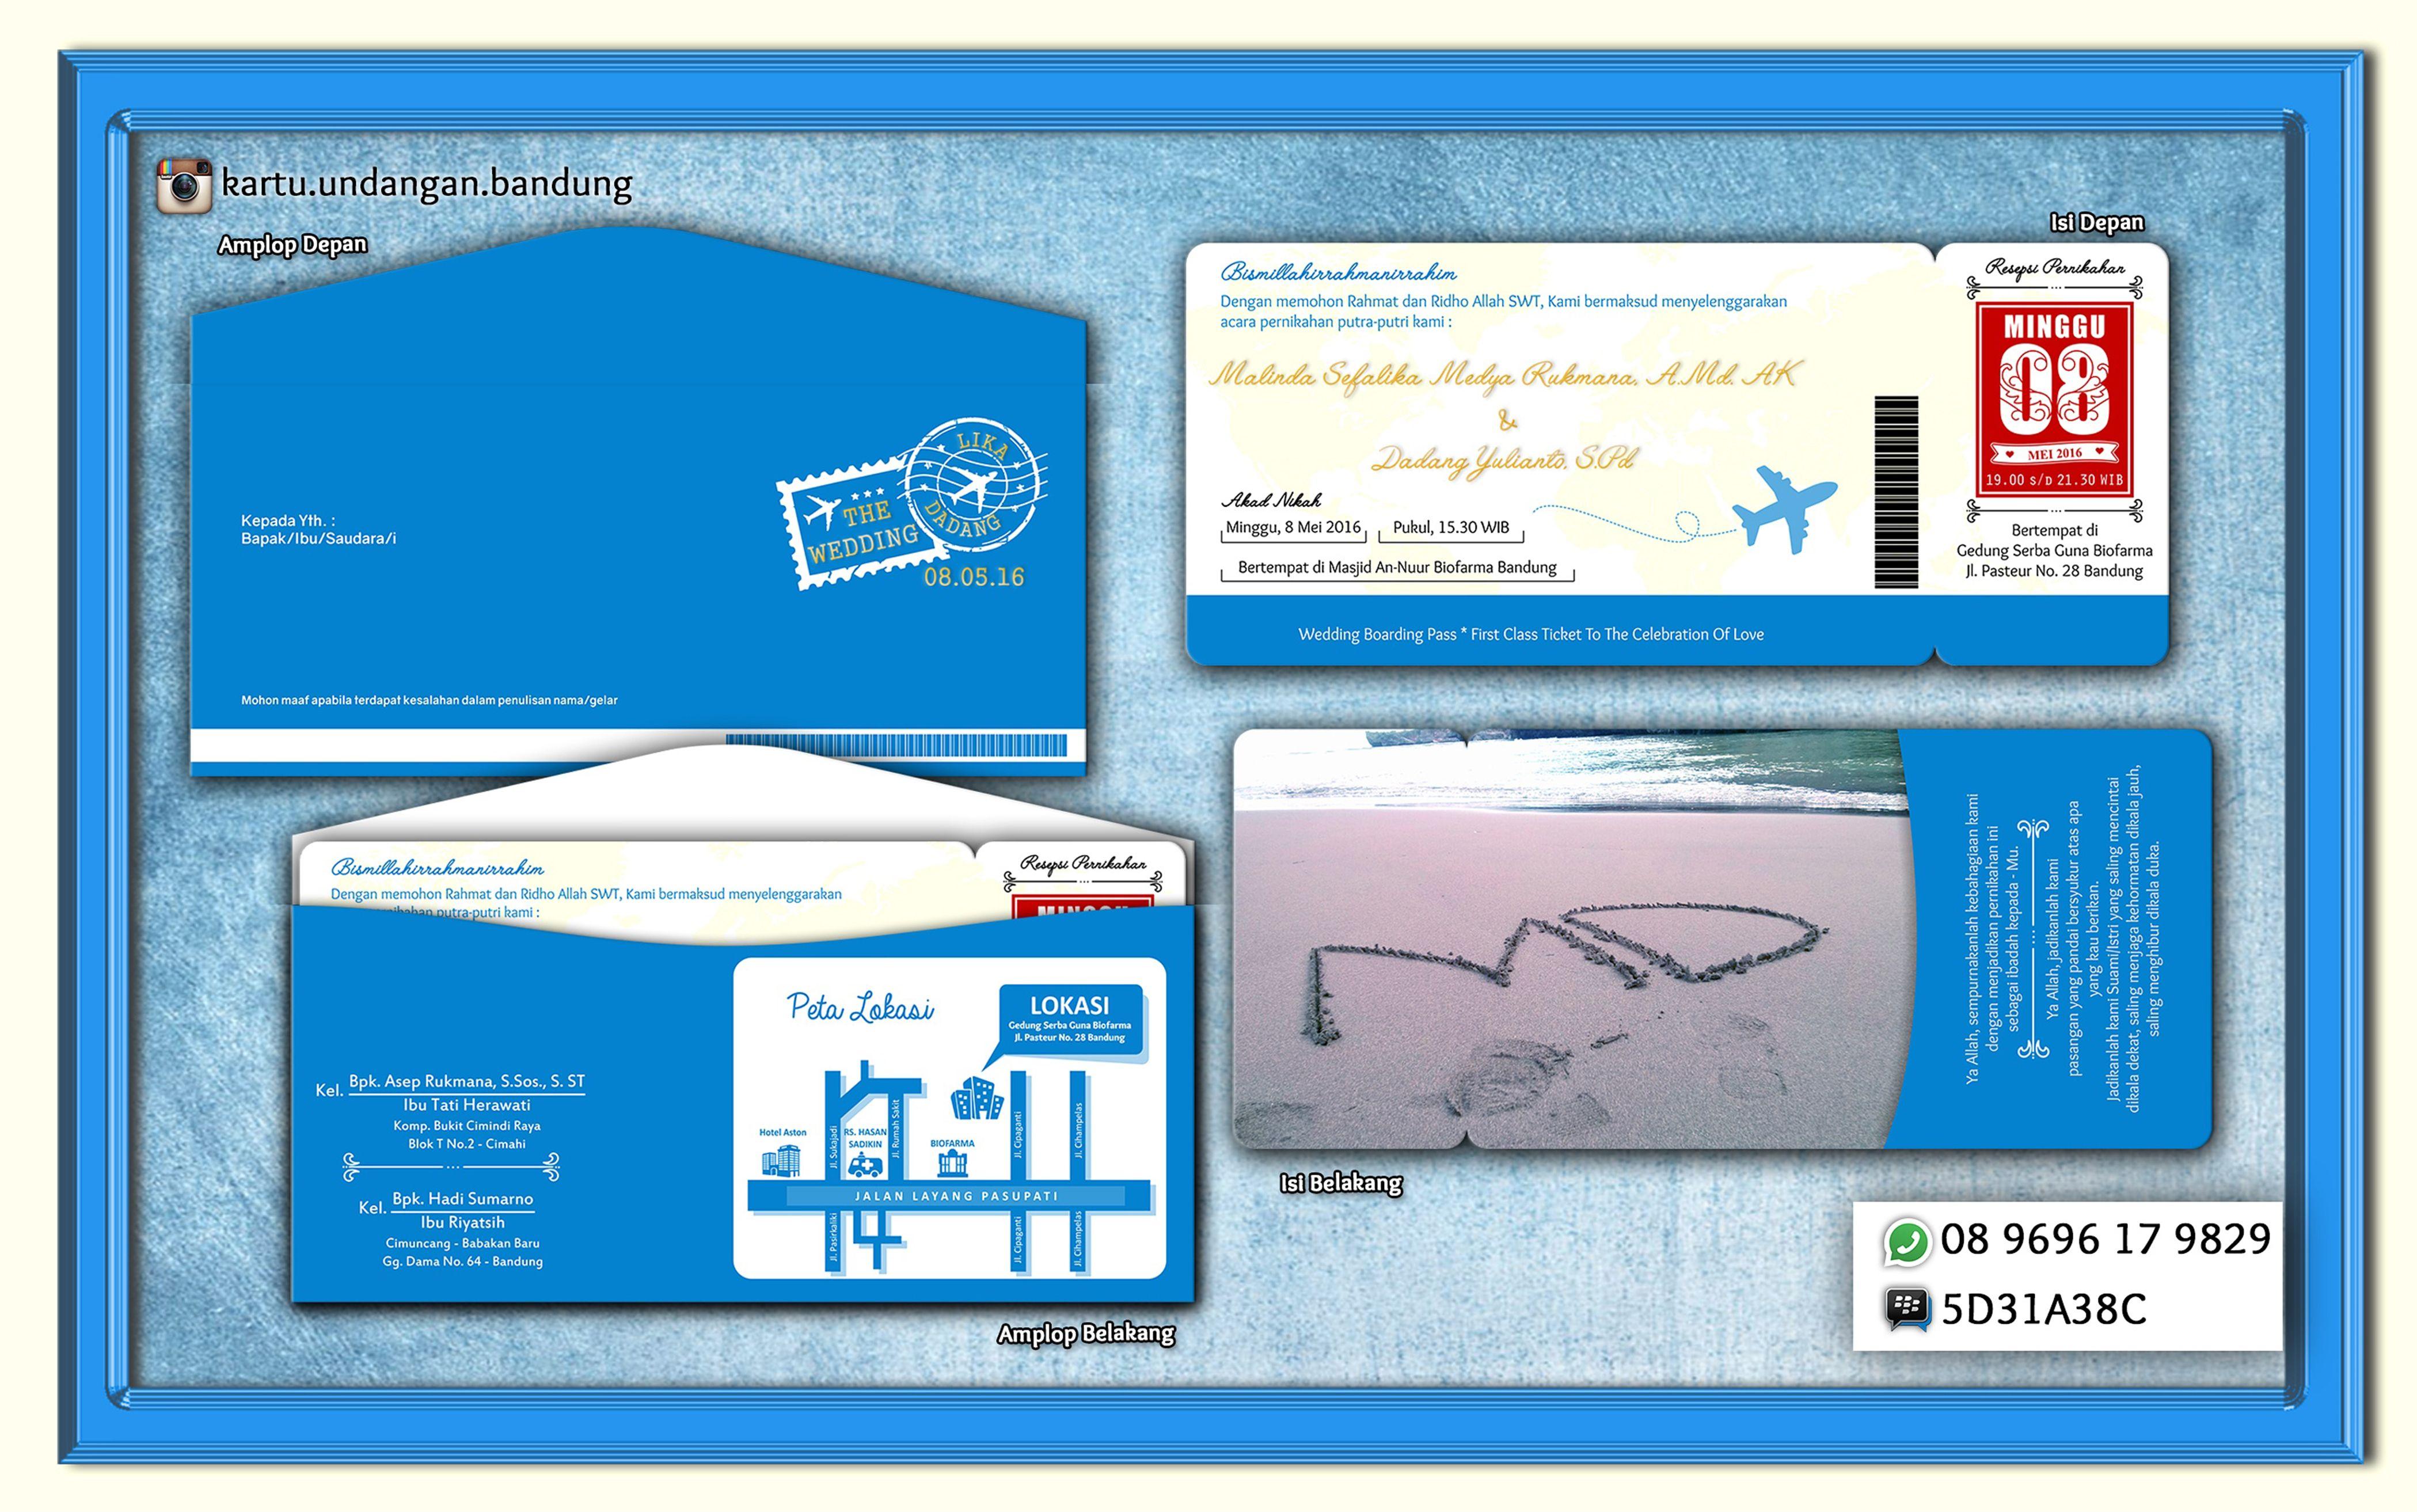 610 Koleksi Gambar Contoh Desain Amplop Tiket Pesawat HD Gratid Yang Bisa Anda Tiru